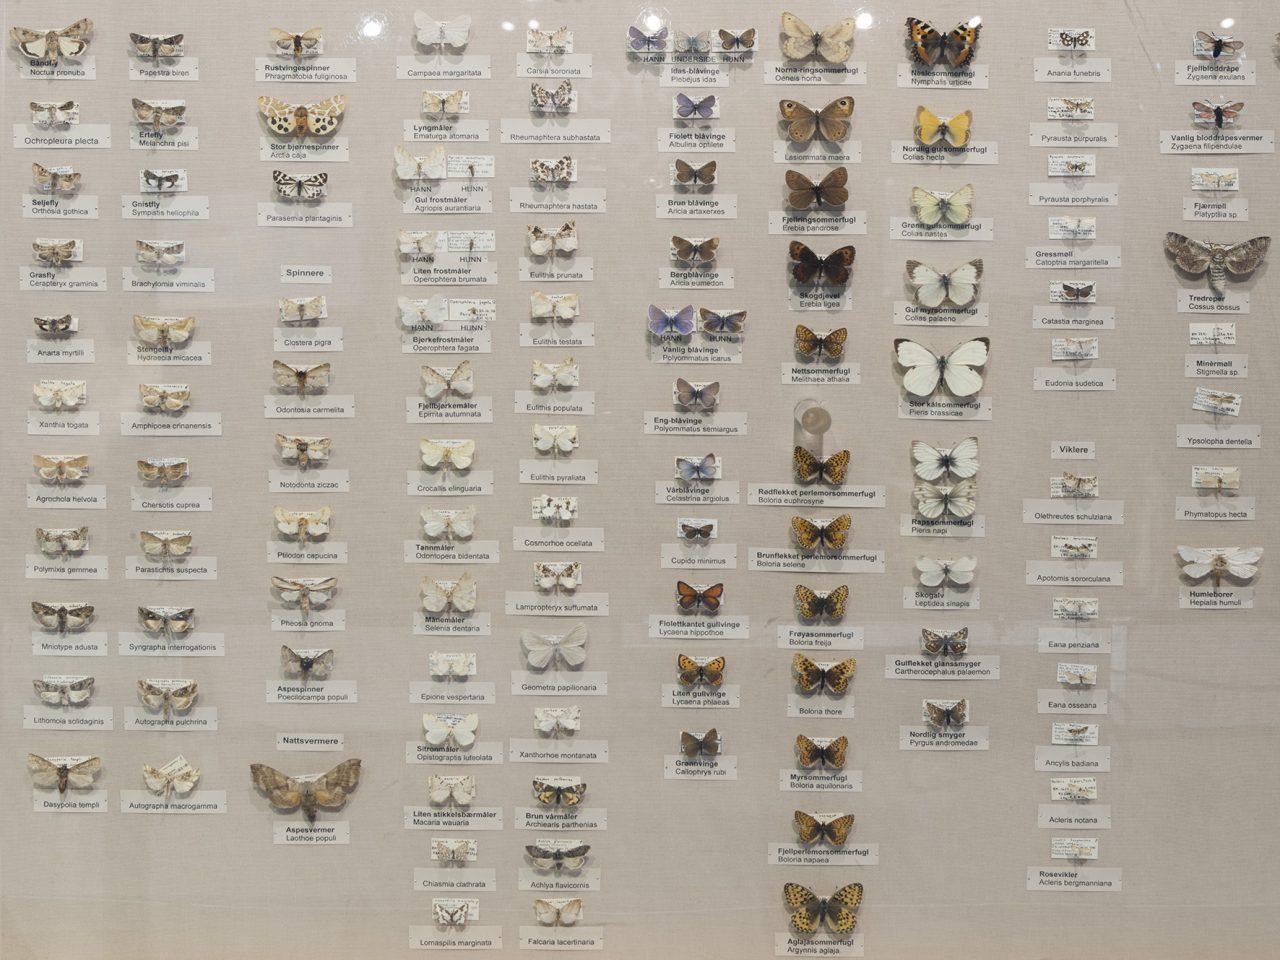 Sommerfugl utstilling, Rana museum